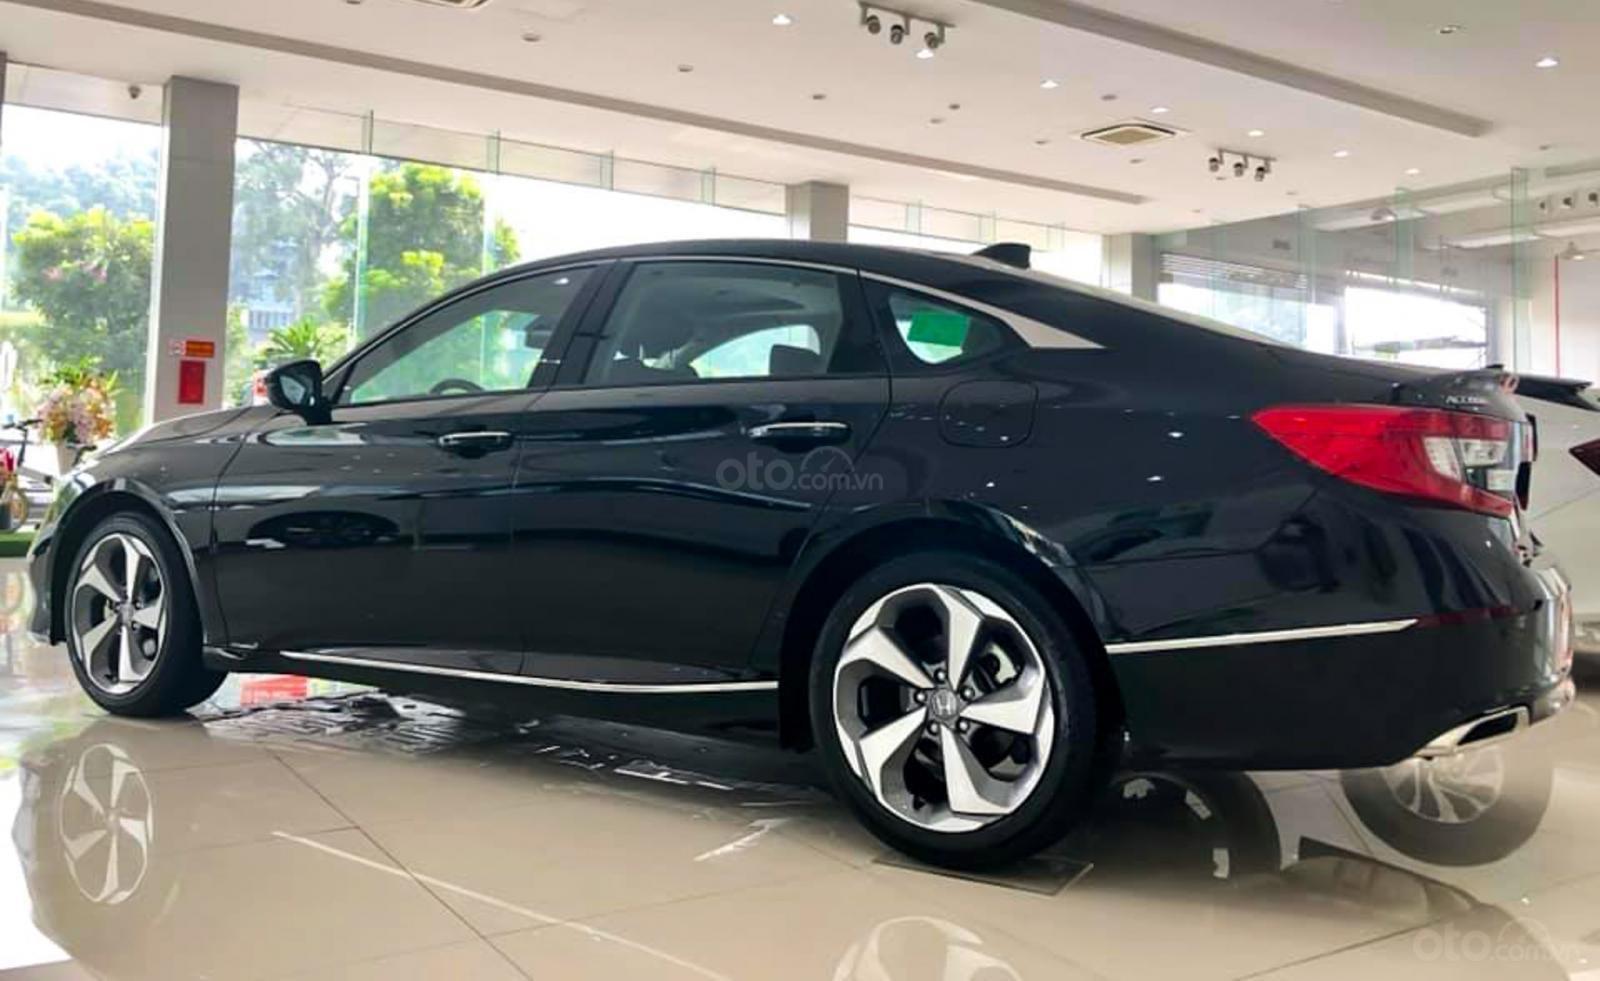 Honda Accord 2019 1.5 Turbo nhập nguyên chiếc-giao ngay (5)